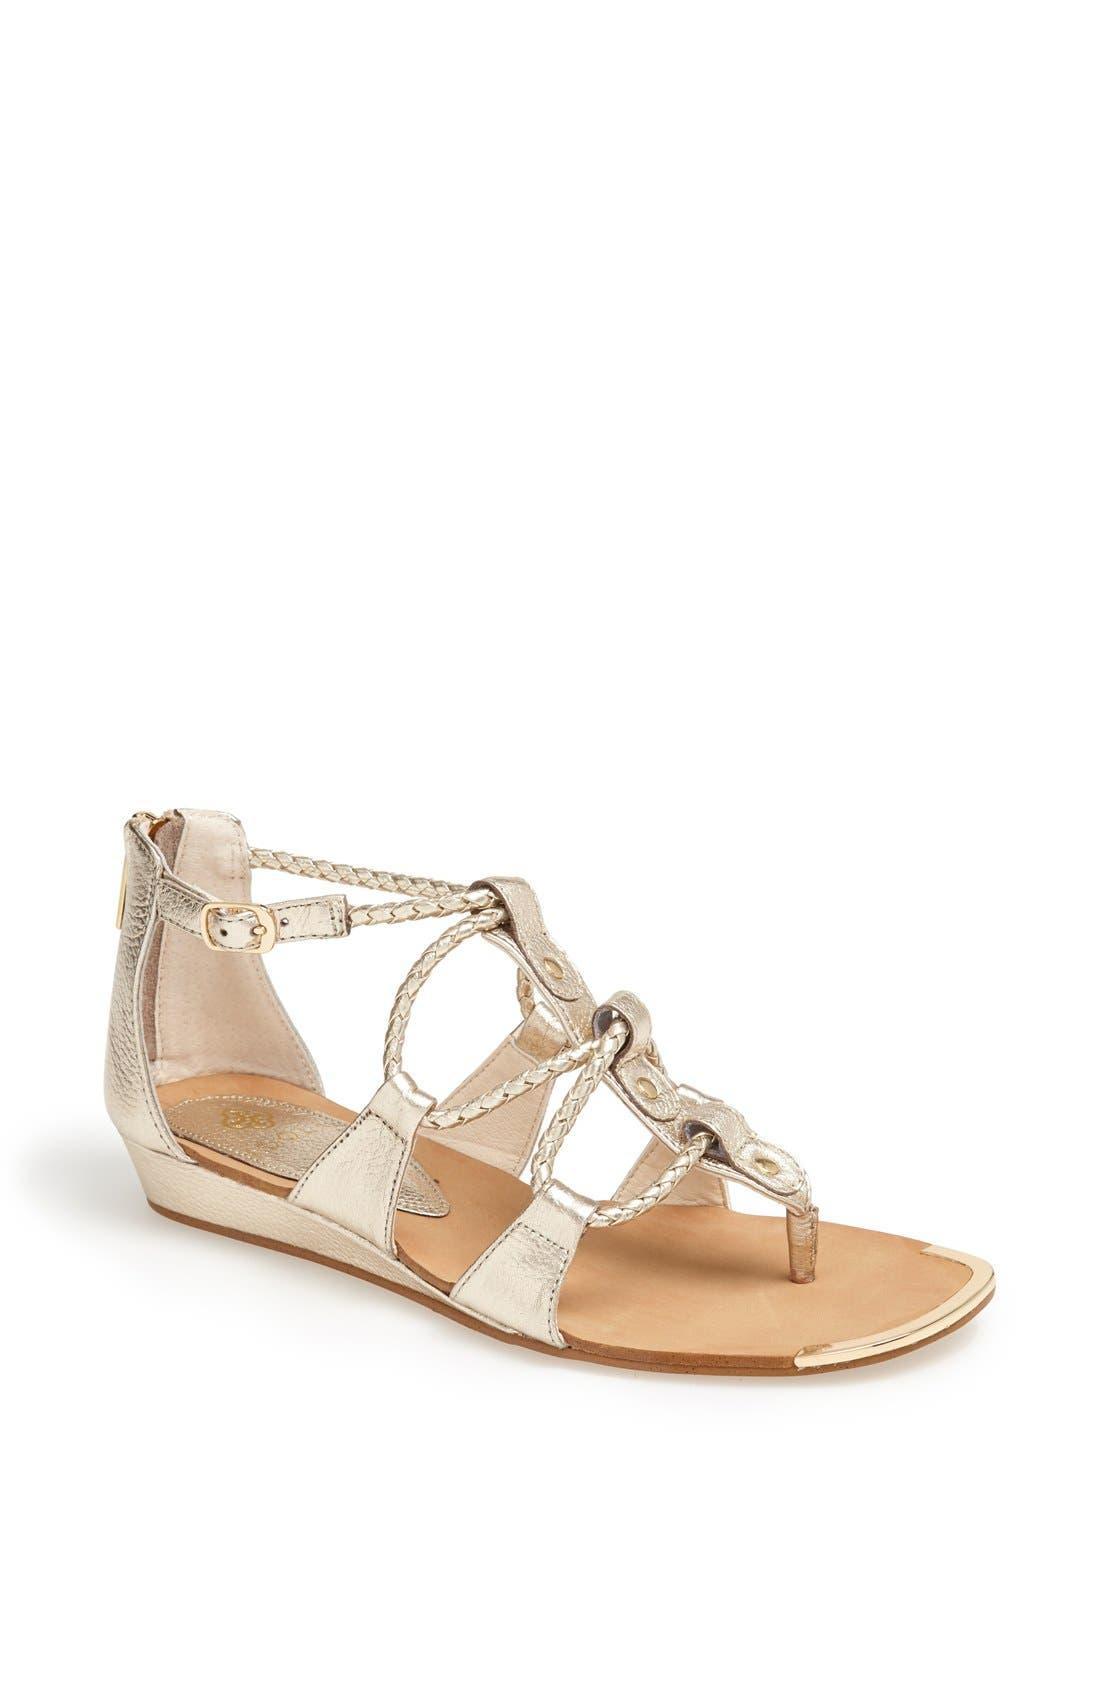 Alternate Image 1 Selected - Isolá 'Audora' Sandal